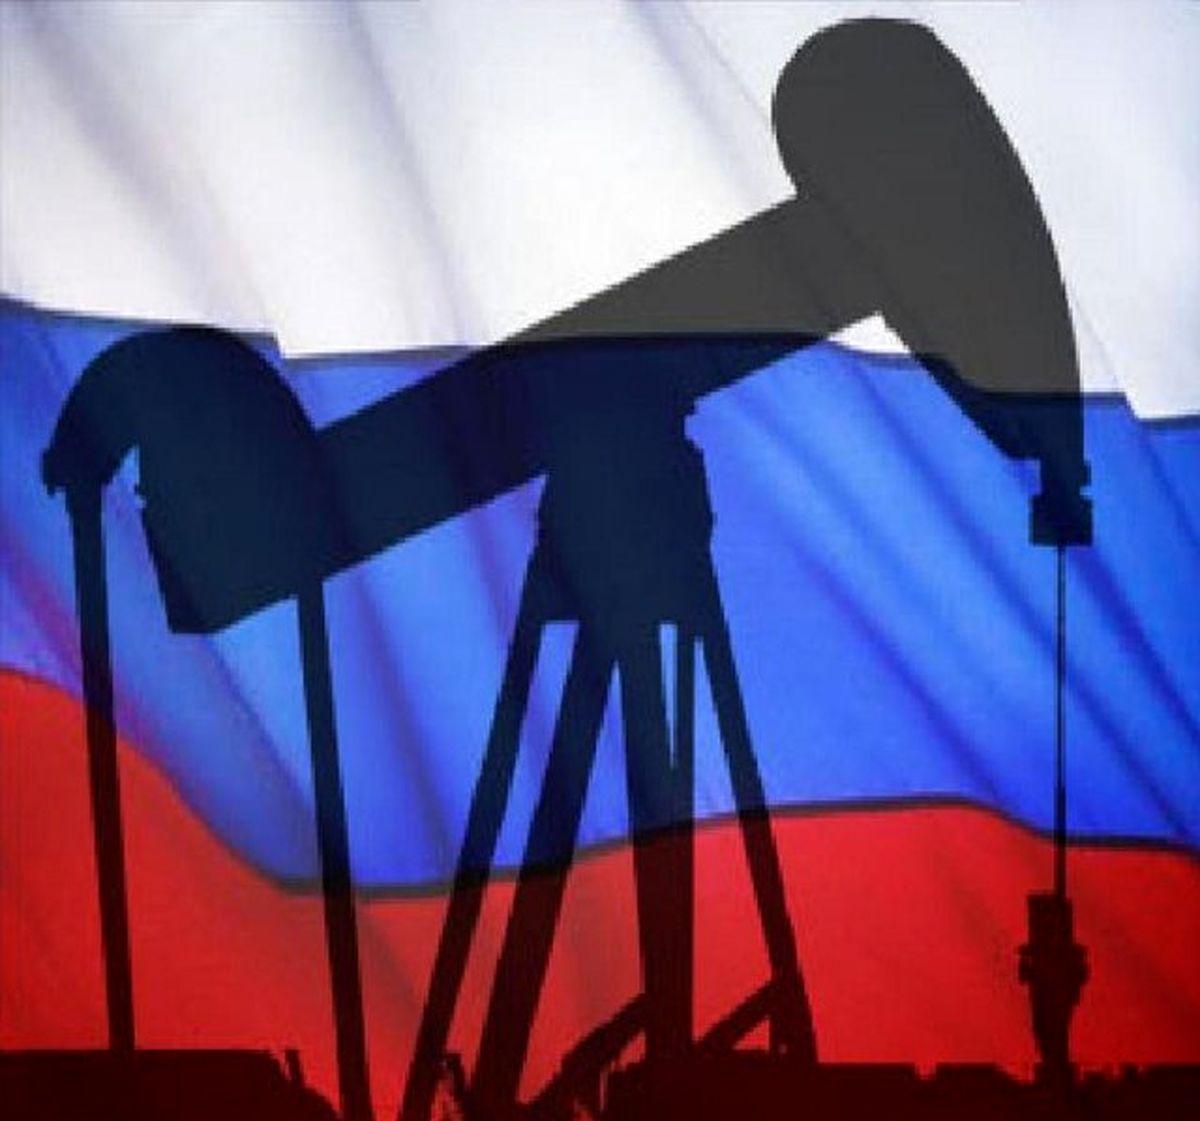 آیا روسیه به توافق کاهش تولید نفت پایبند است؟